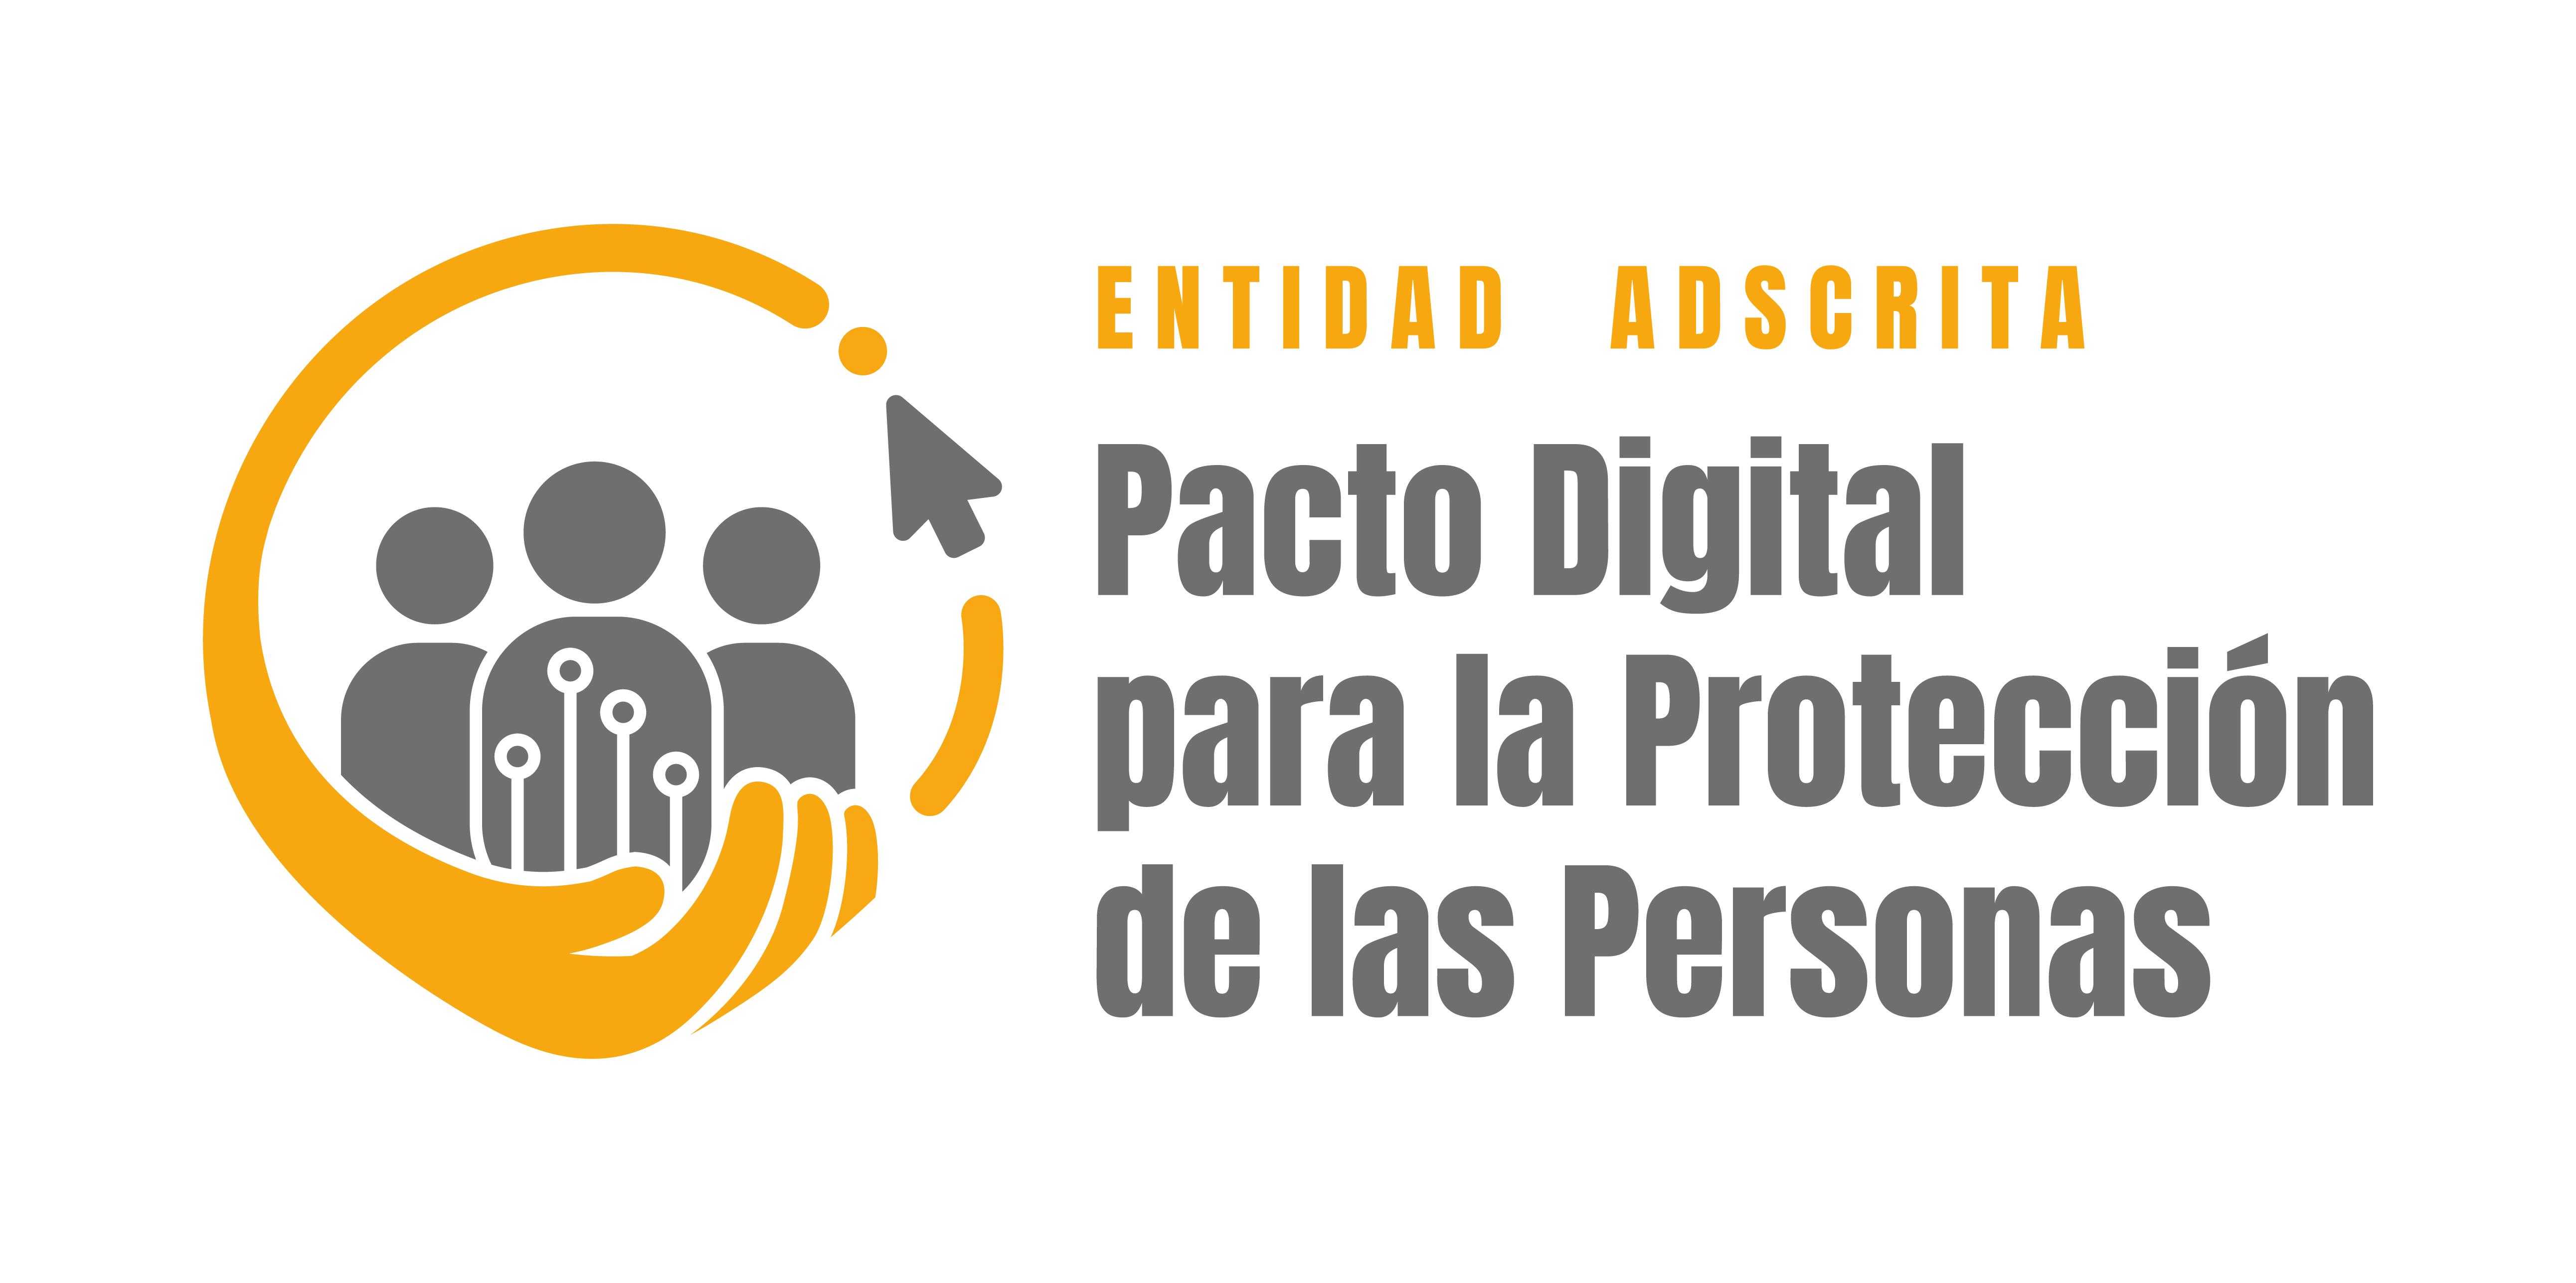 Entidad adscrita al pacto digital